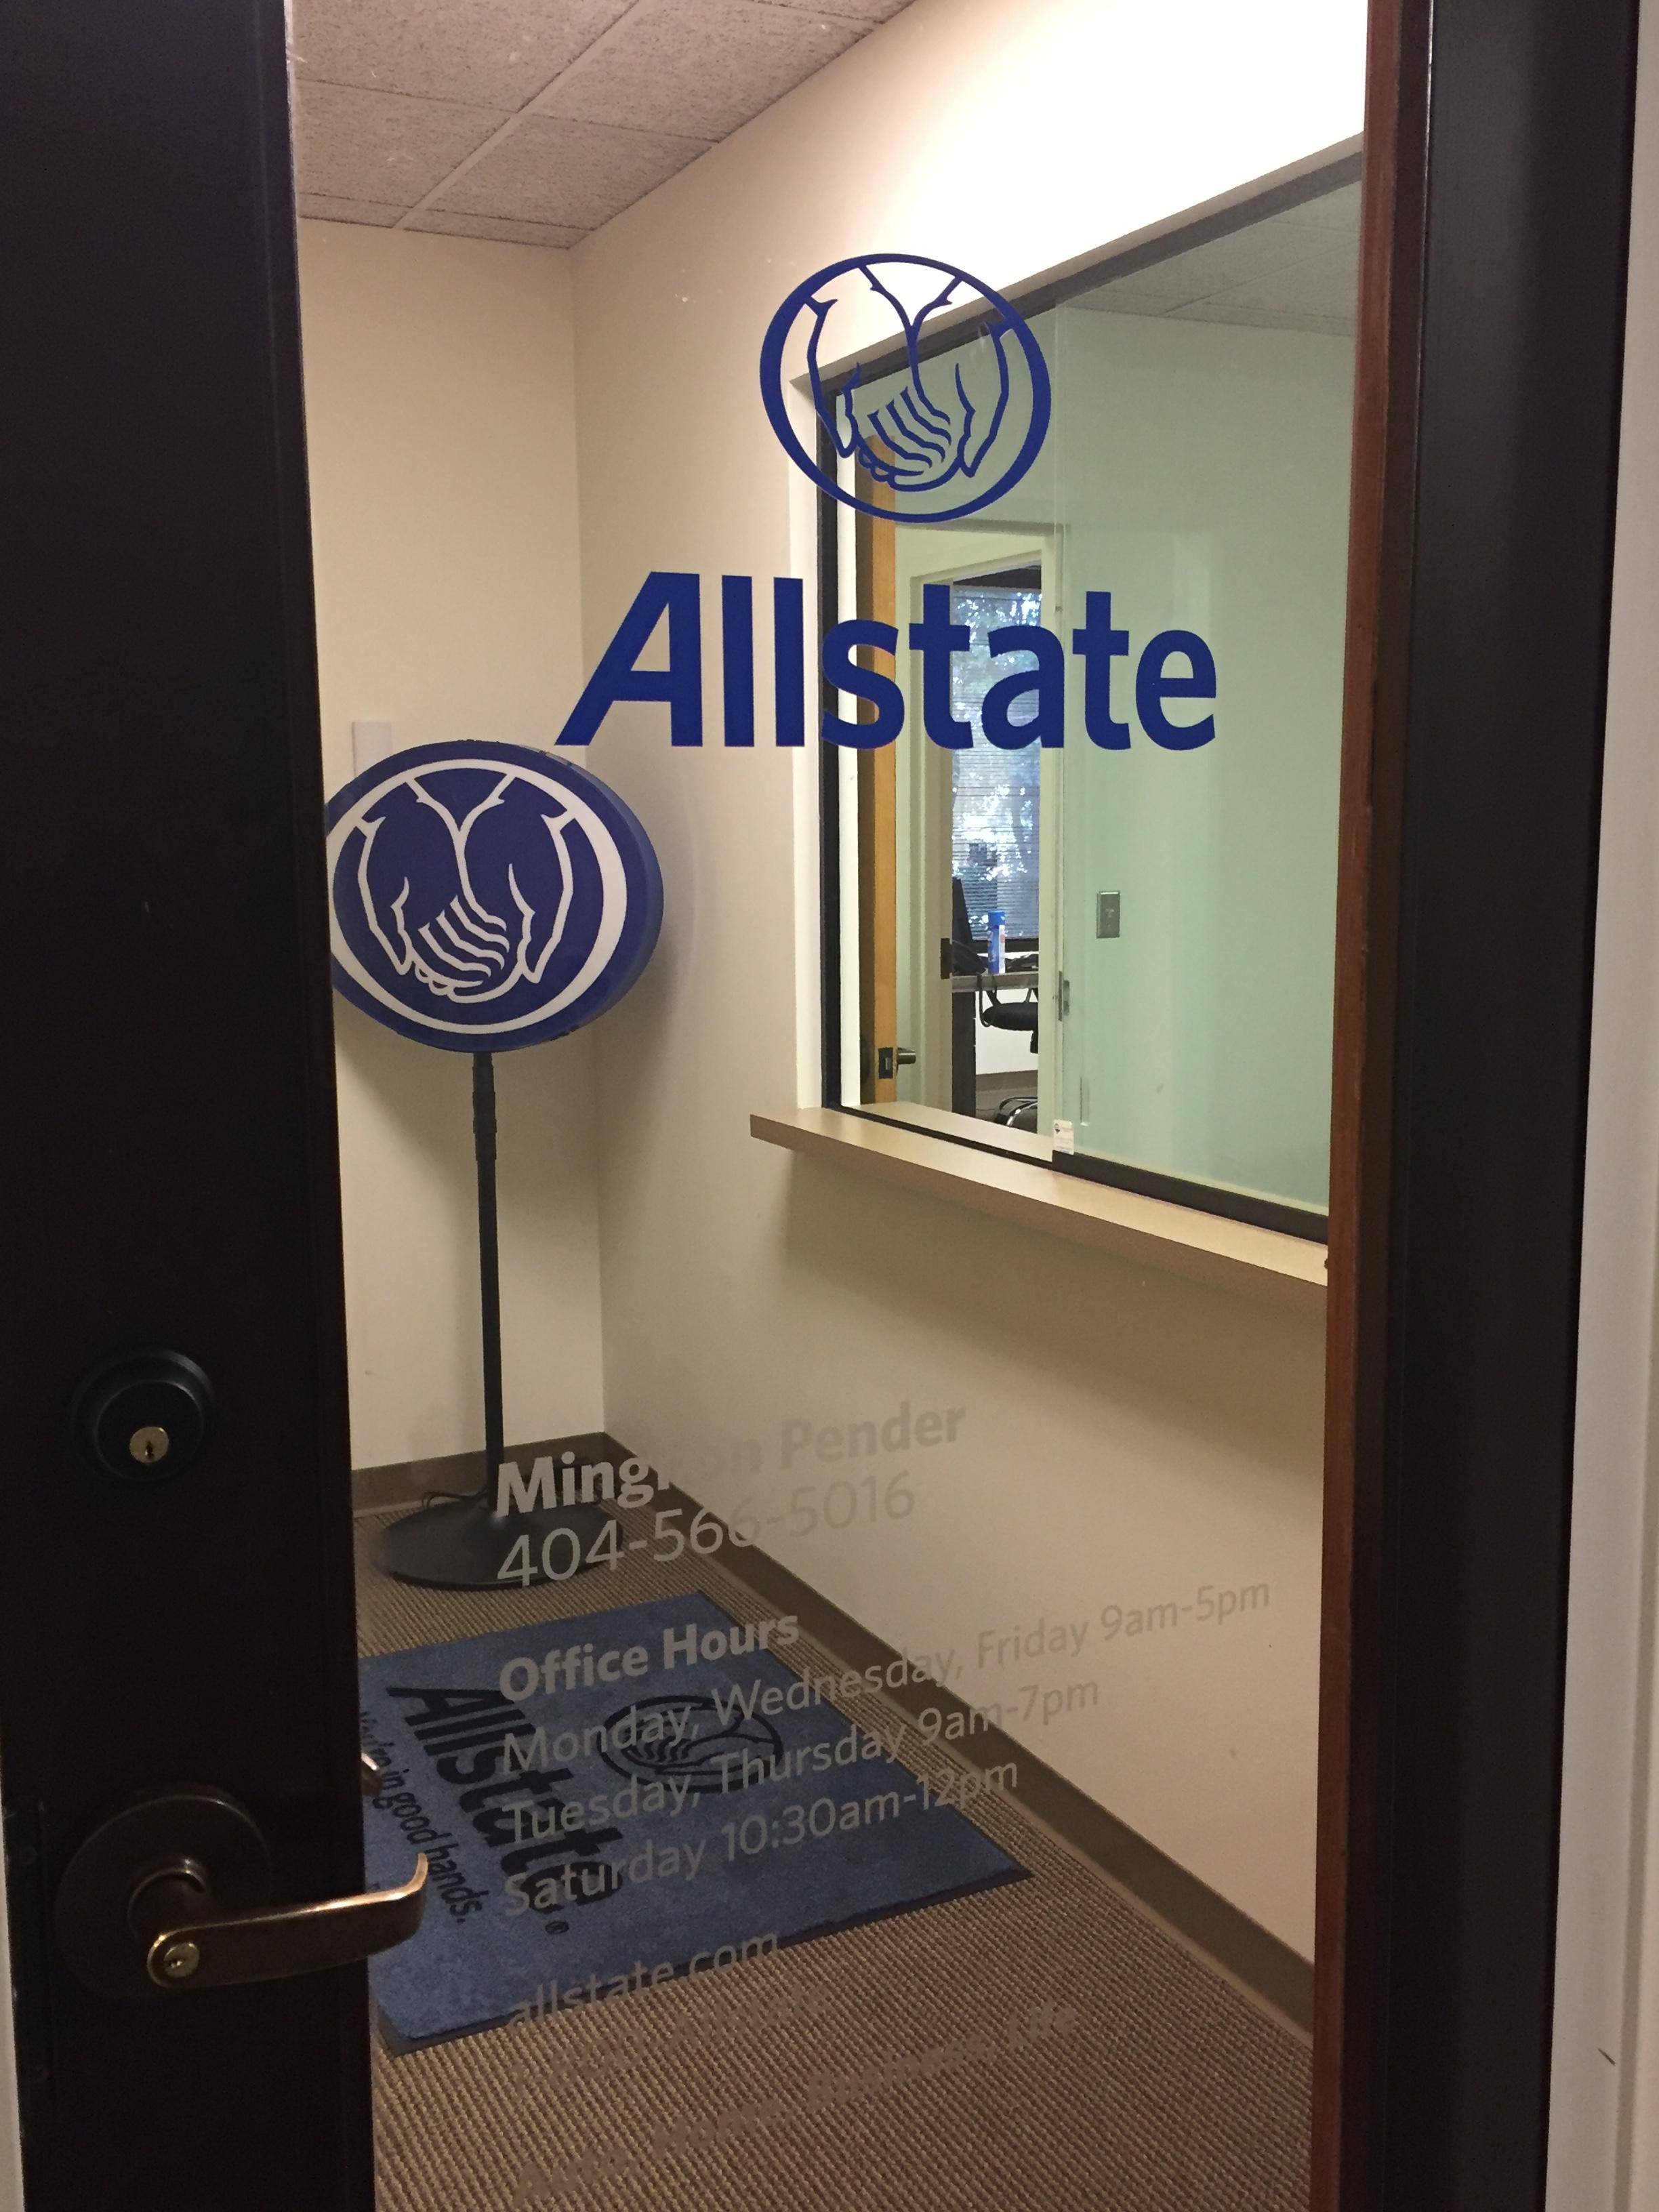 Mingnon Pender: Allstate Insurance image 2